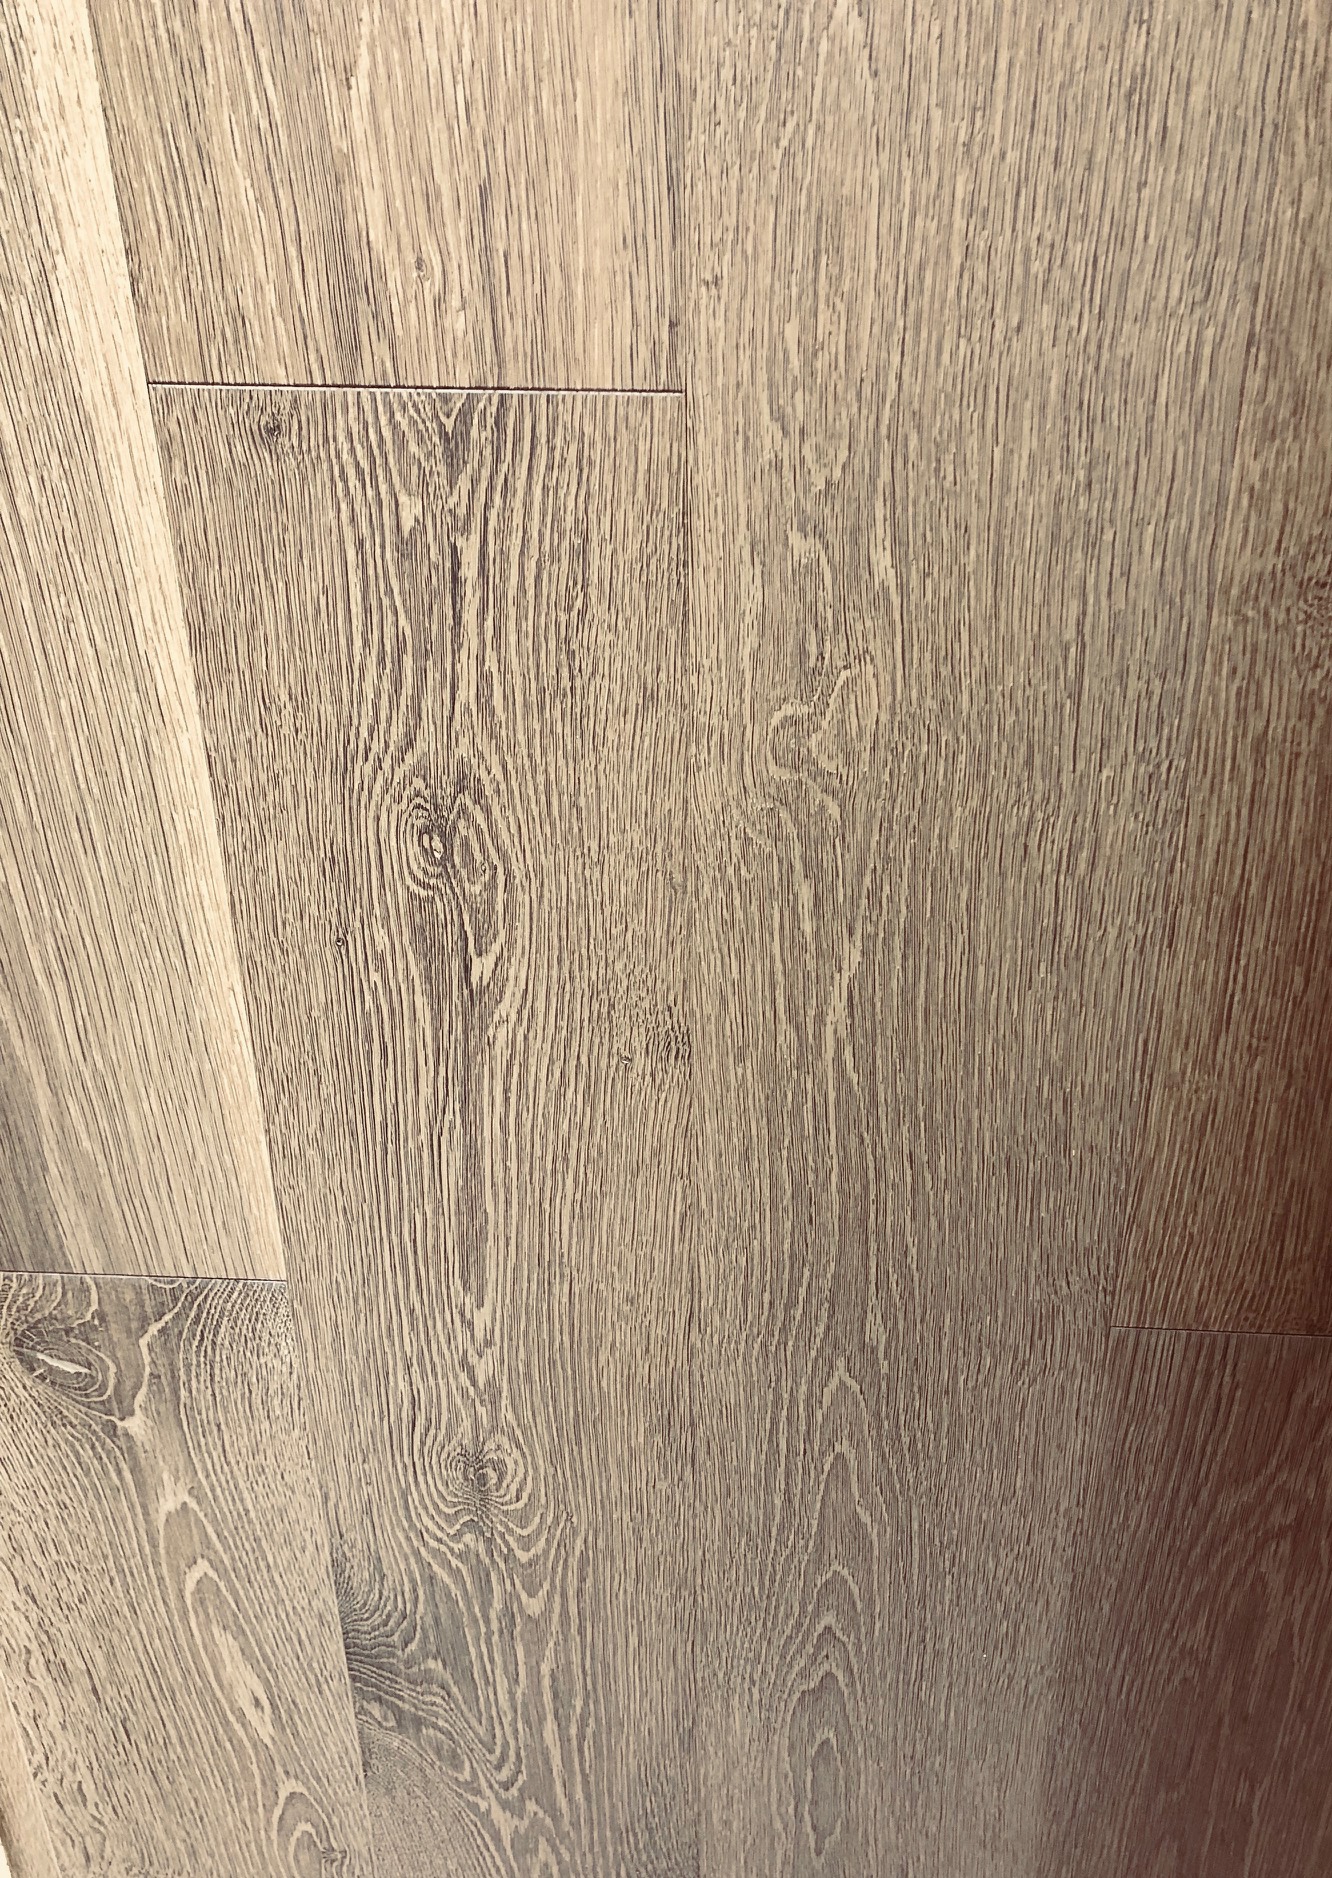 Parquet flottant chêne huilé Chêne contrecollé rustique huilé blois brossé lame xl - 190x22x1820 couche d'usure de 6mm de chêne  CHENF2674 Parquet flottant chêne huilé